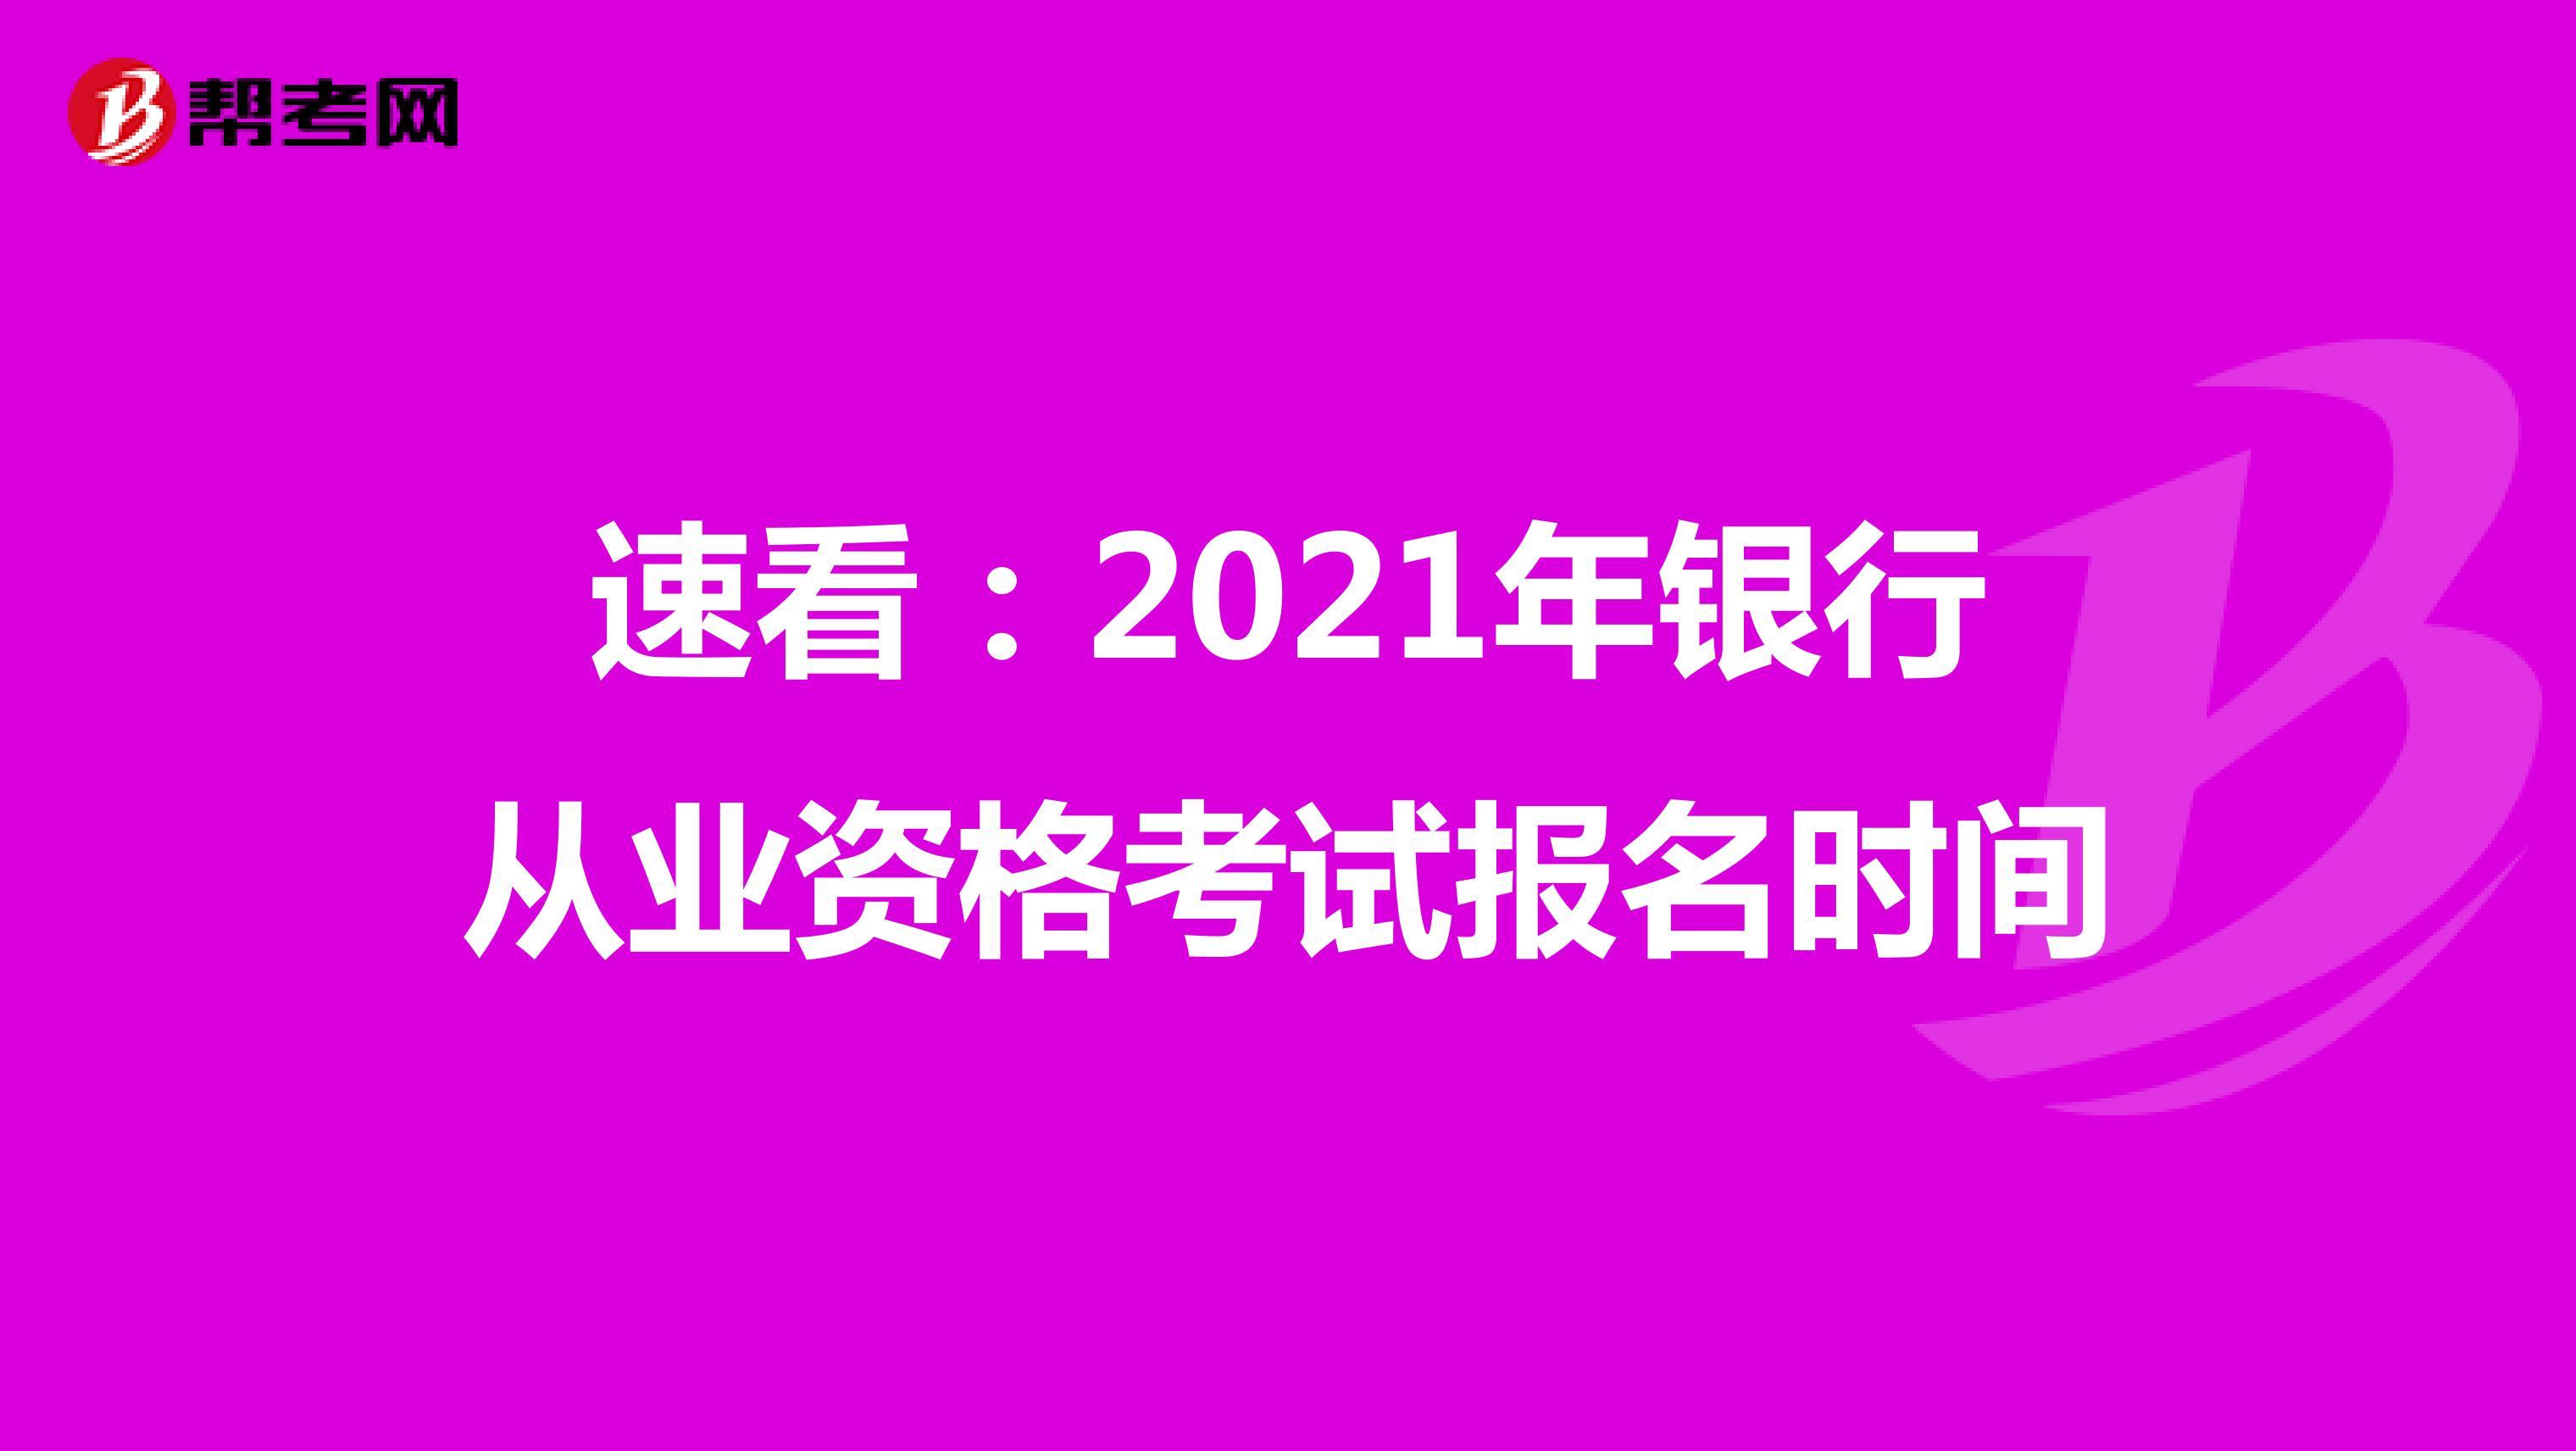 速看:2021年銀行從業資格考試報名時間!